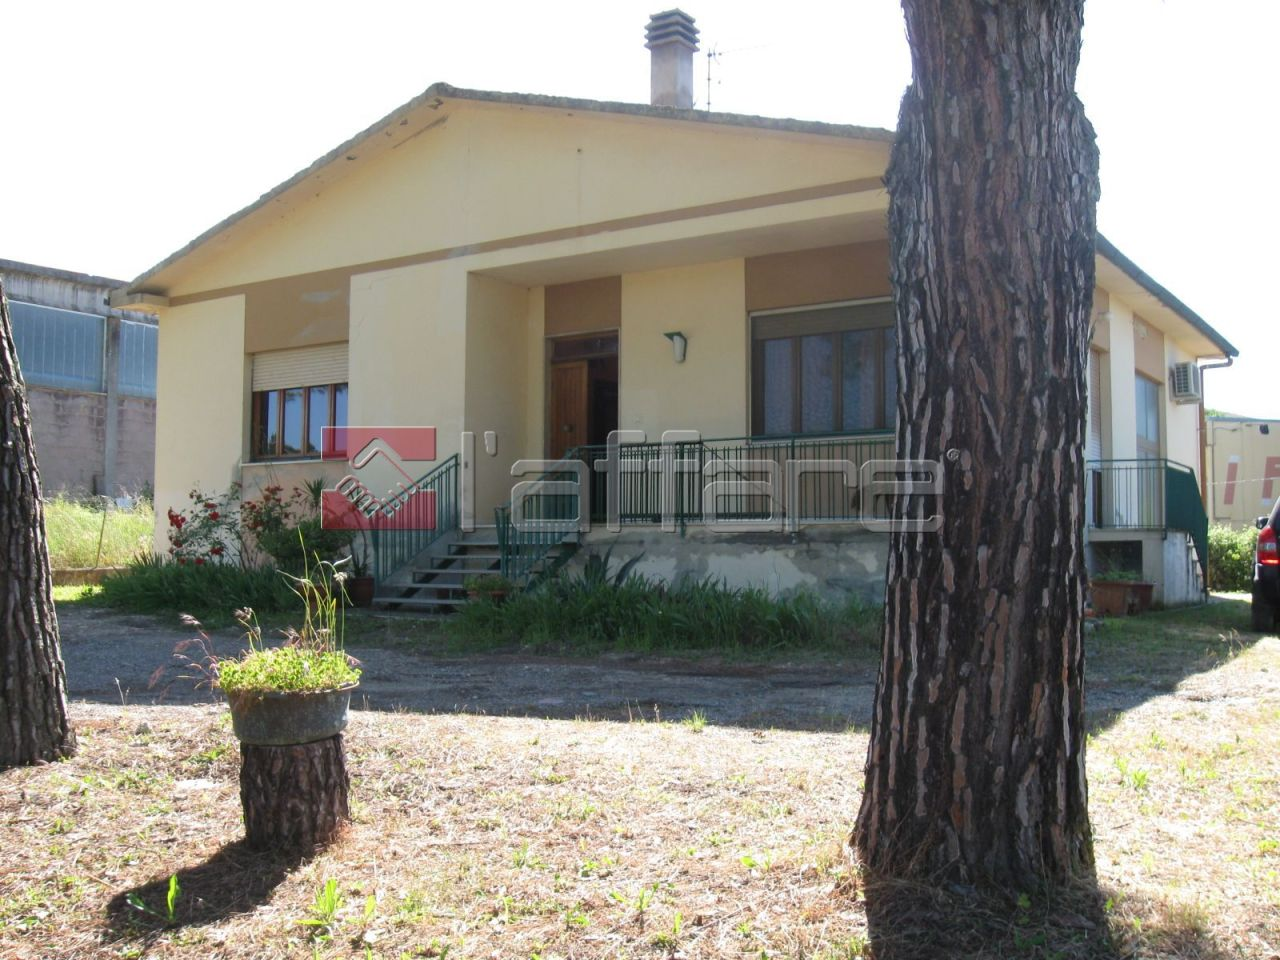 Soluzione Indipendente in vendita a Casciana Terme Lari, 4 locali, prezzo € 159.000 | Cambio Casa.it